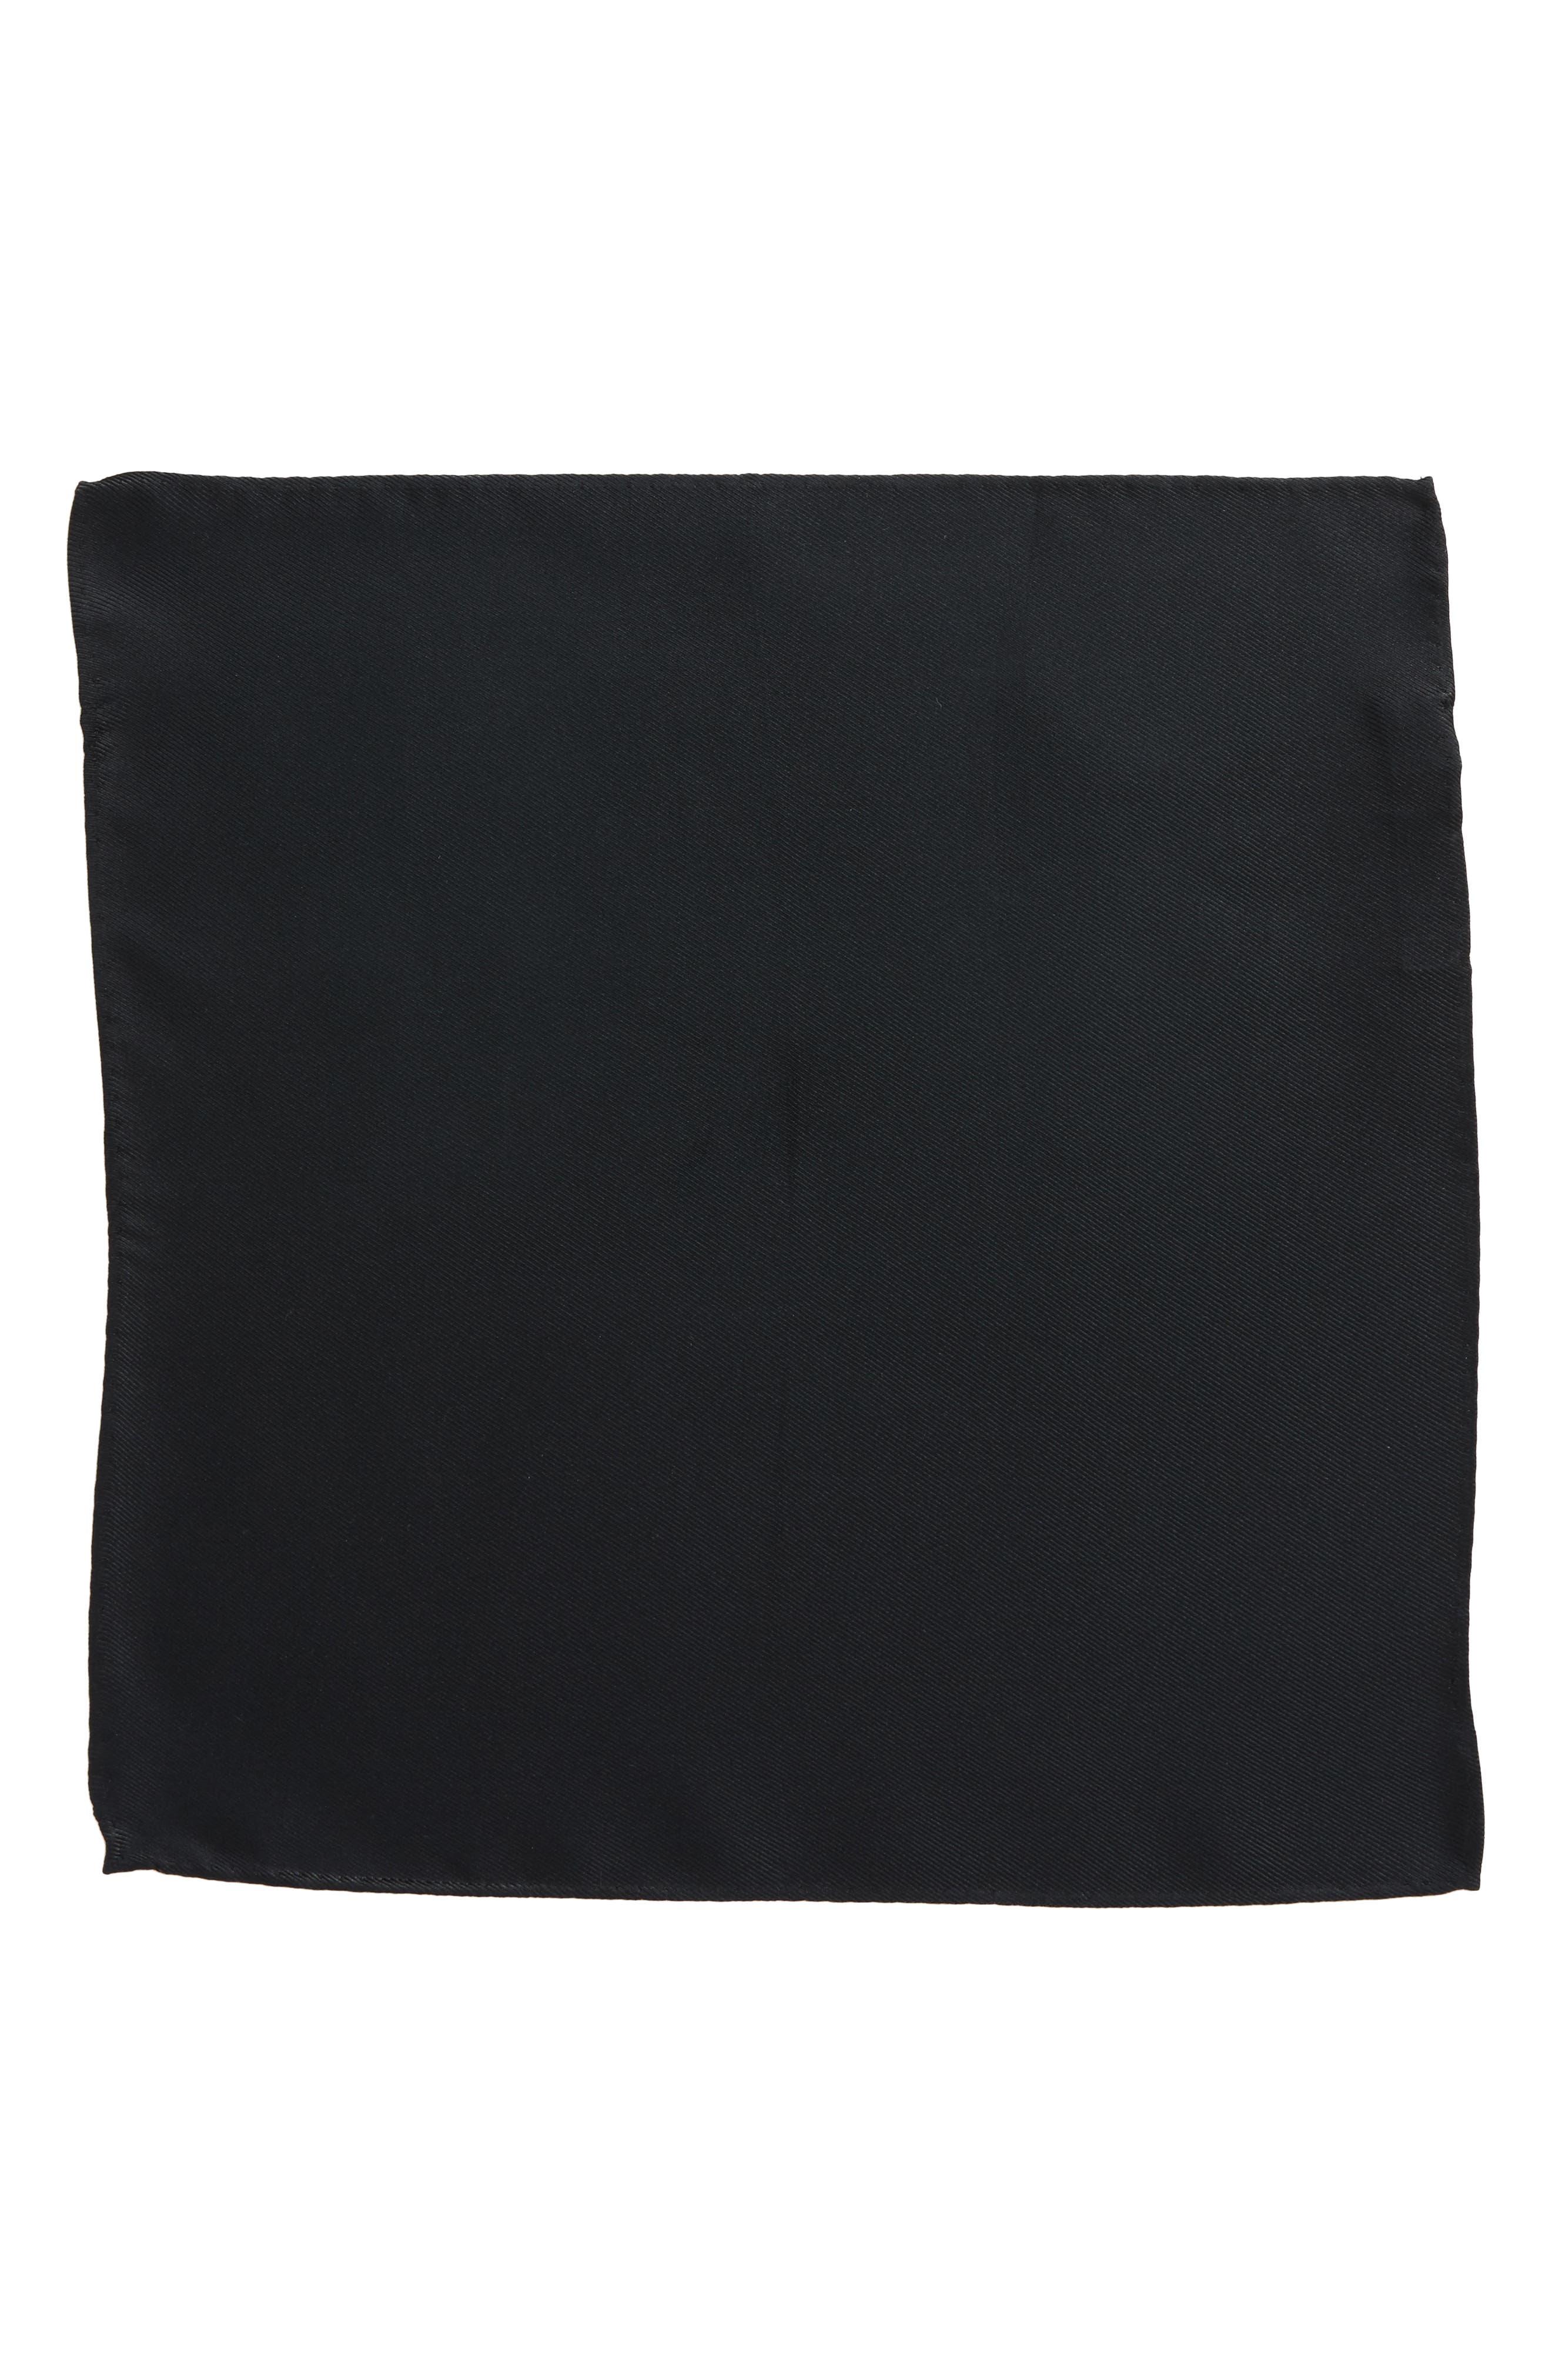 King Twill Silk Pocket Square,                             Alternate thumbnail 2, color,                             BLACK